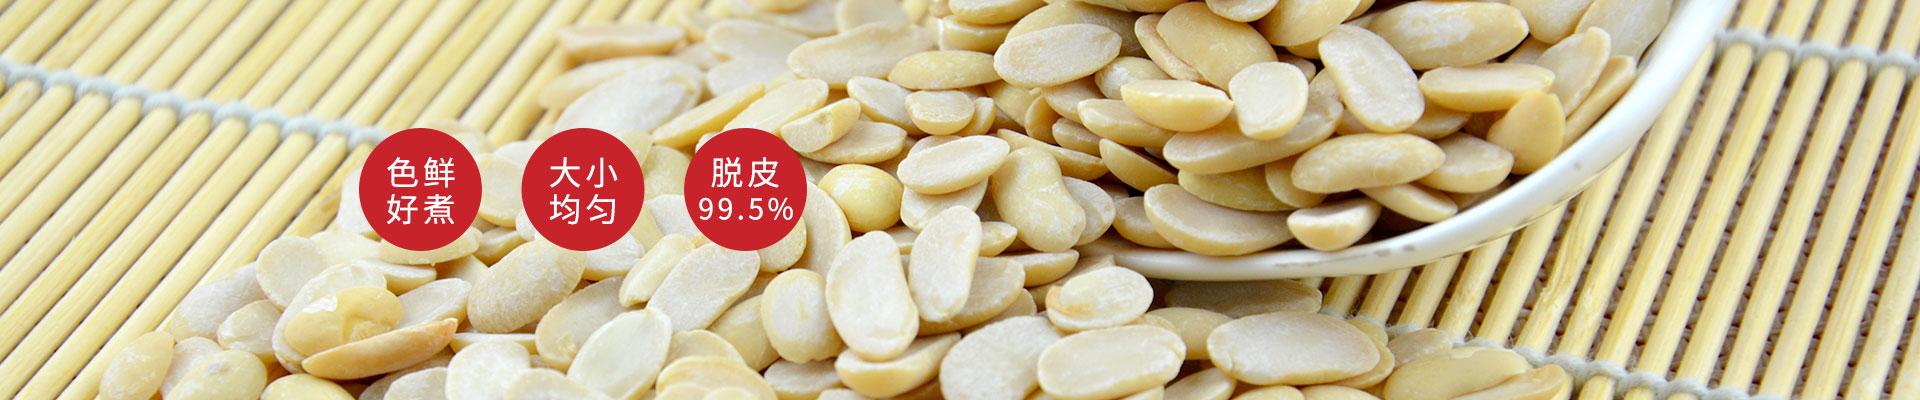 金威玛豆类色鲜好煮 大小均匀 脱皮99.5%